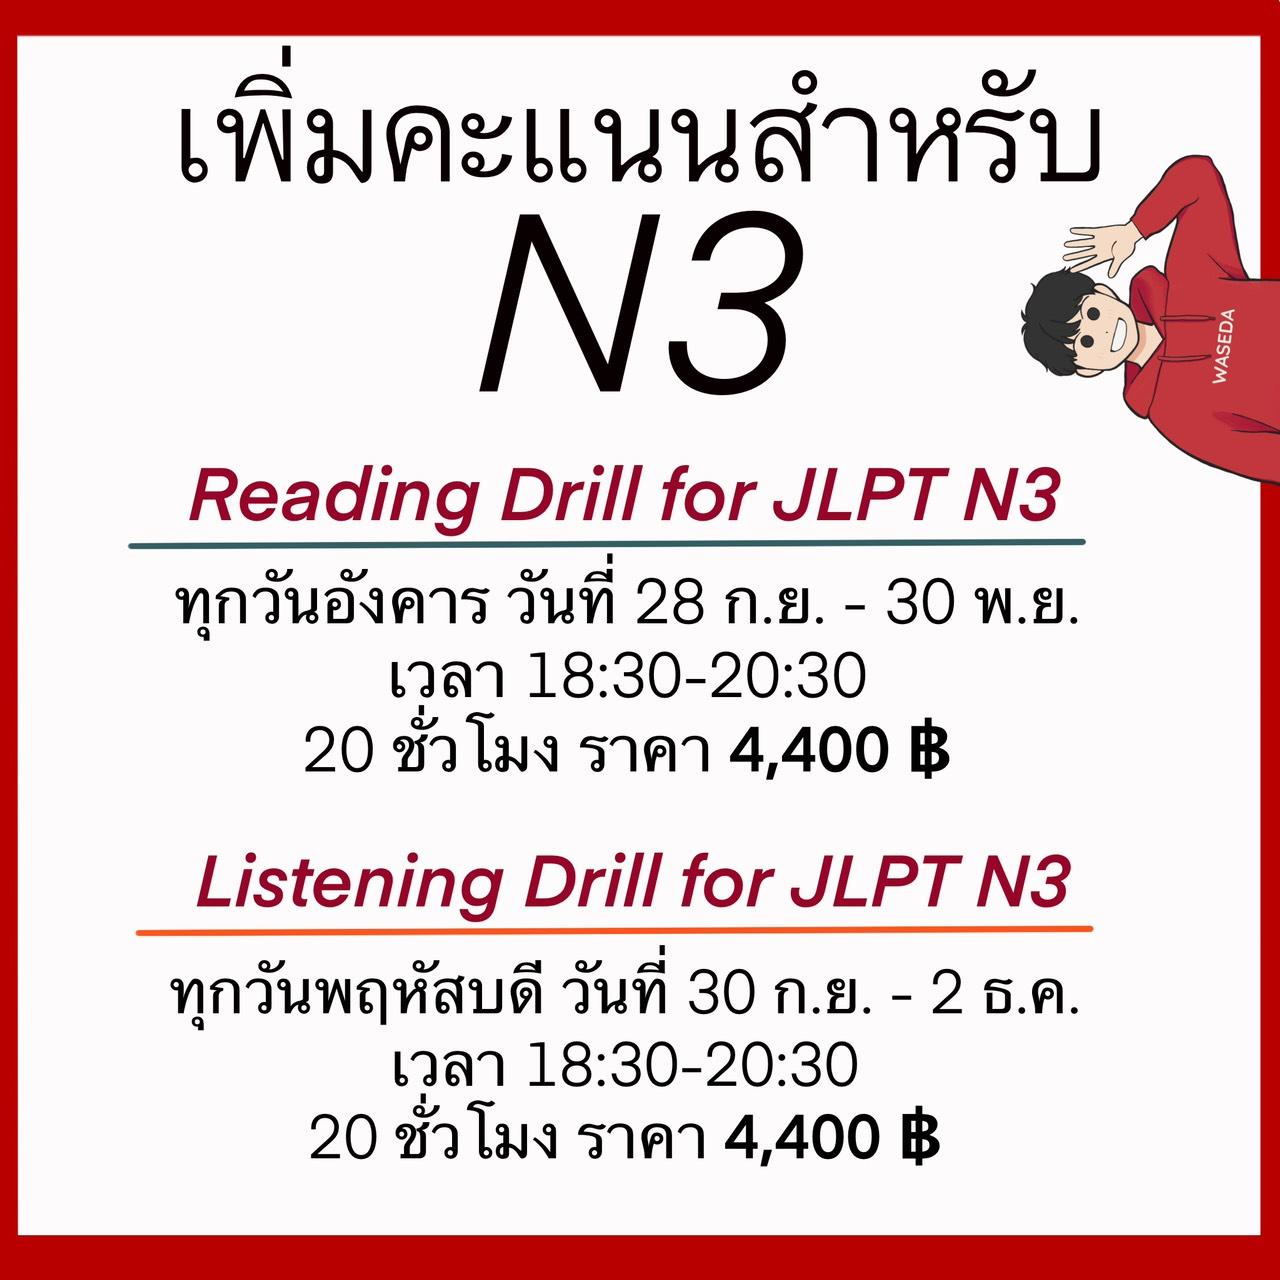 ติวสอบ JLPT N3